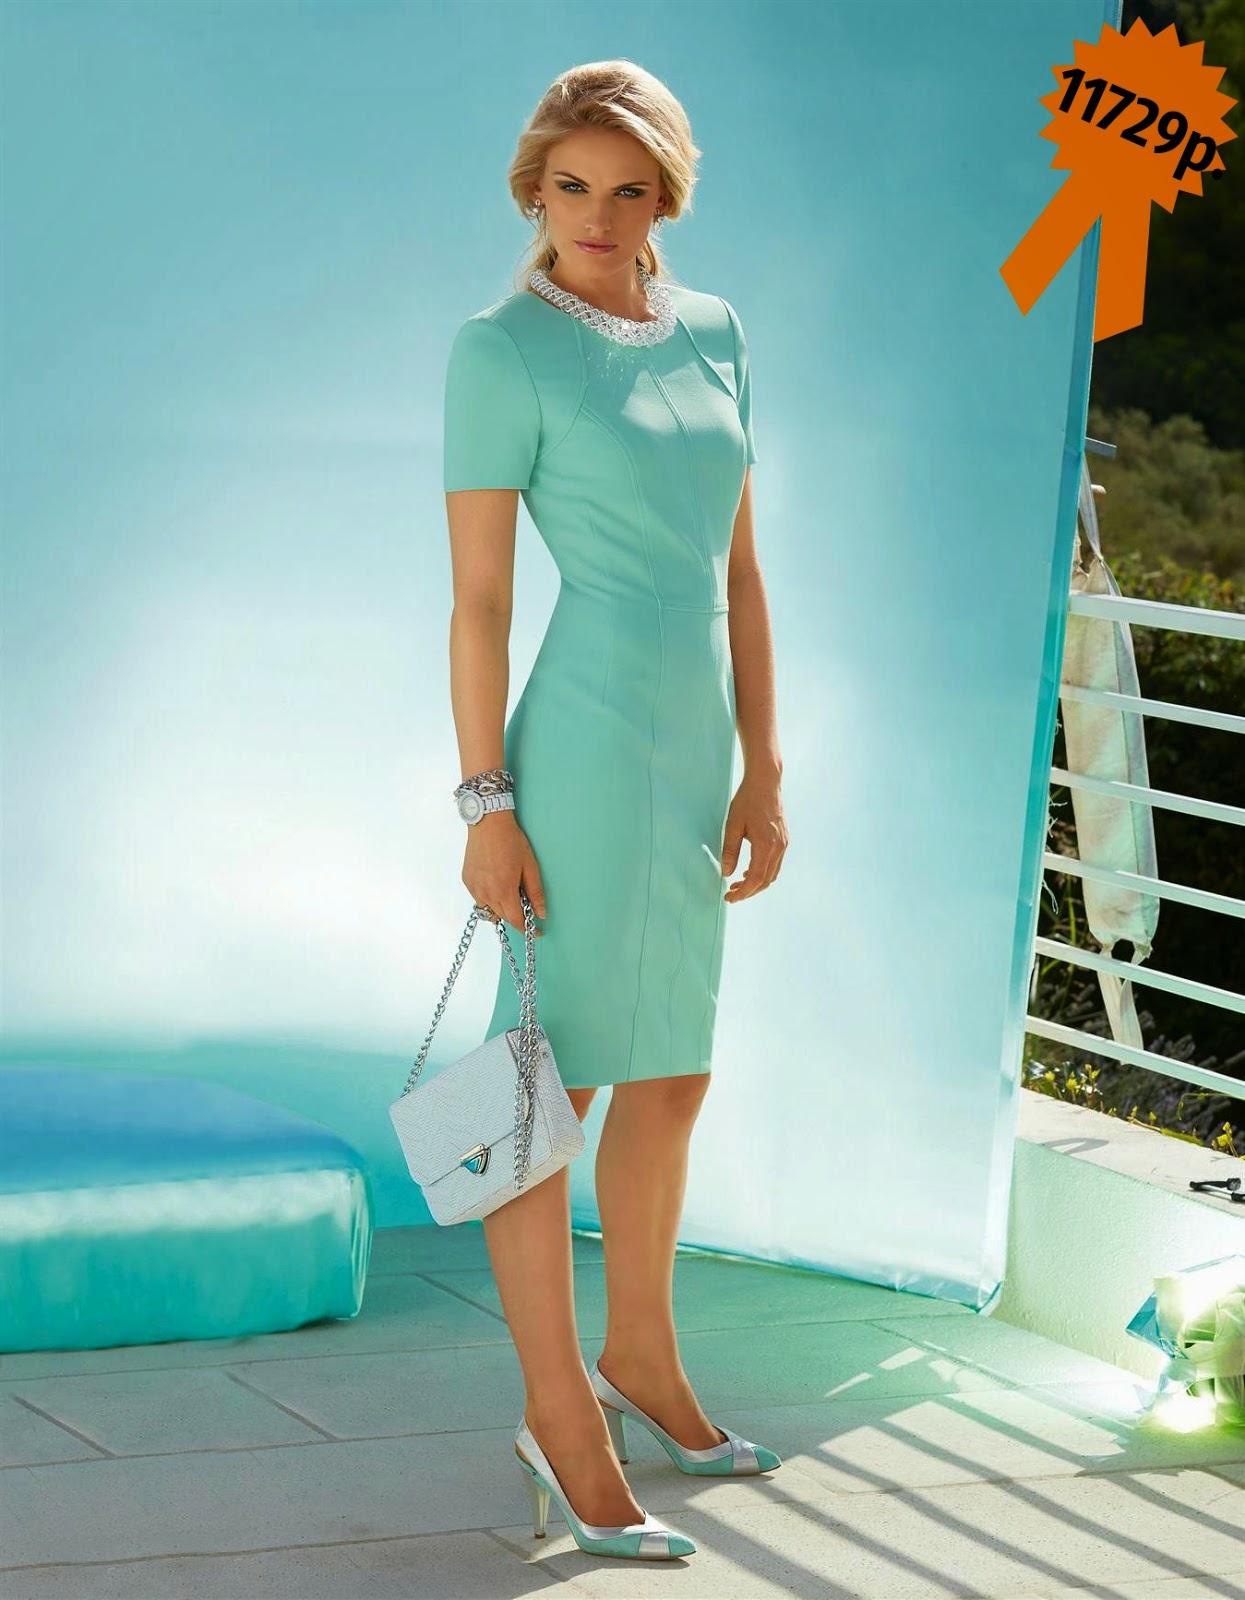 Платье стиле 60х цвета мяты Madeleine